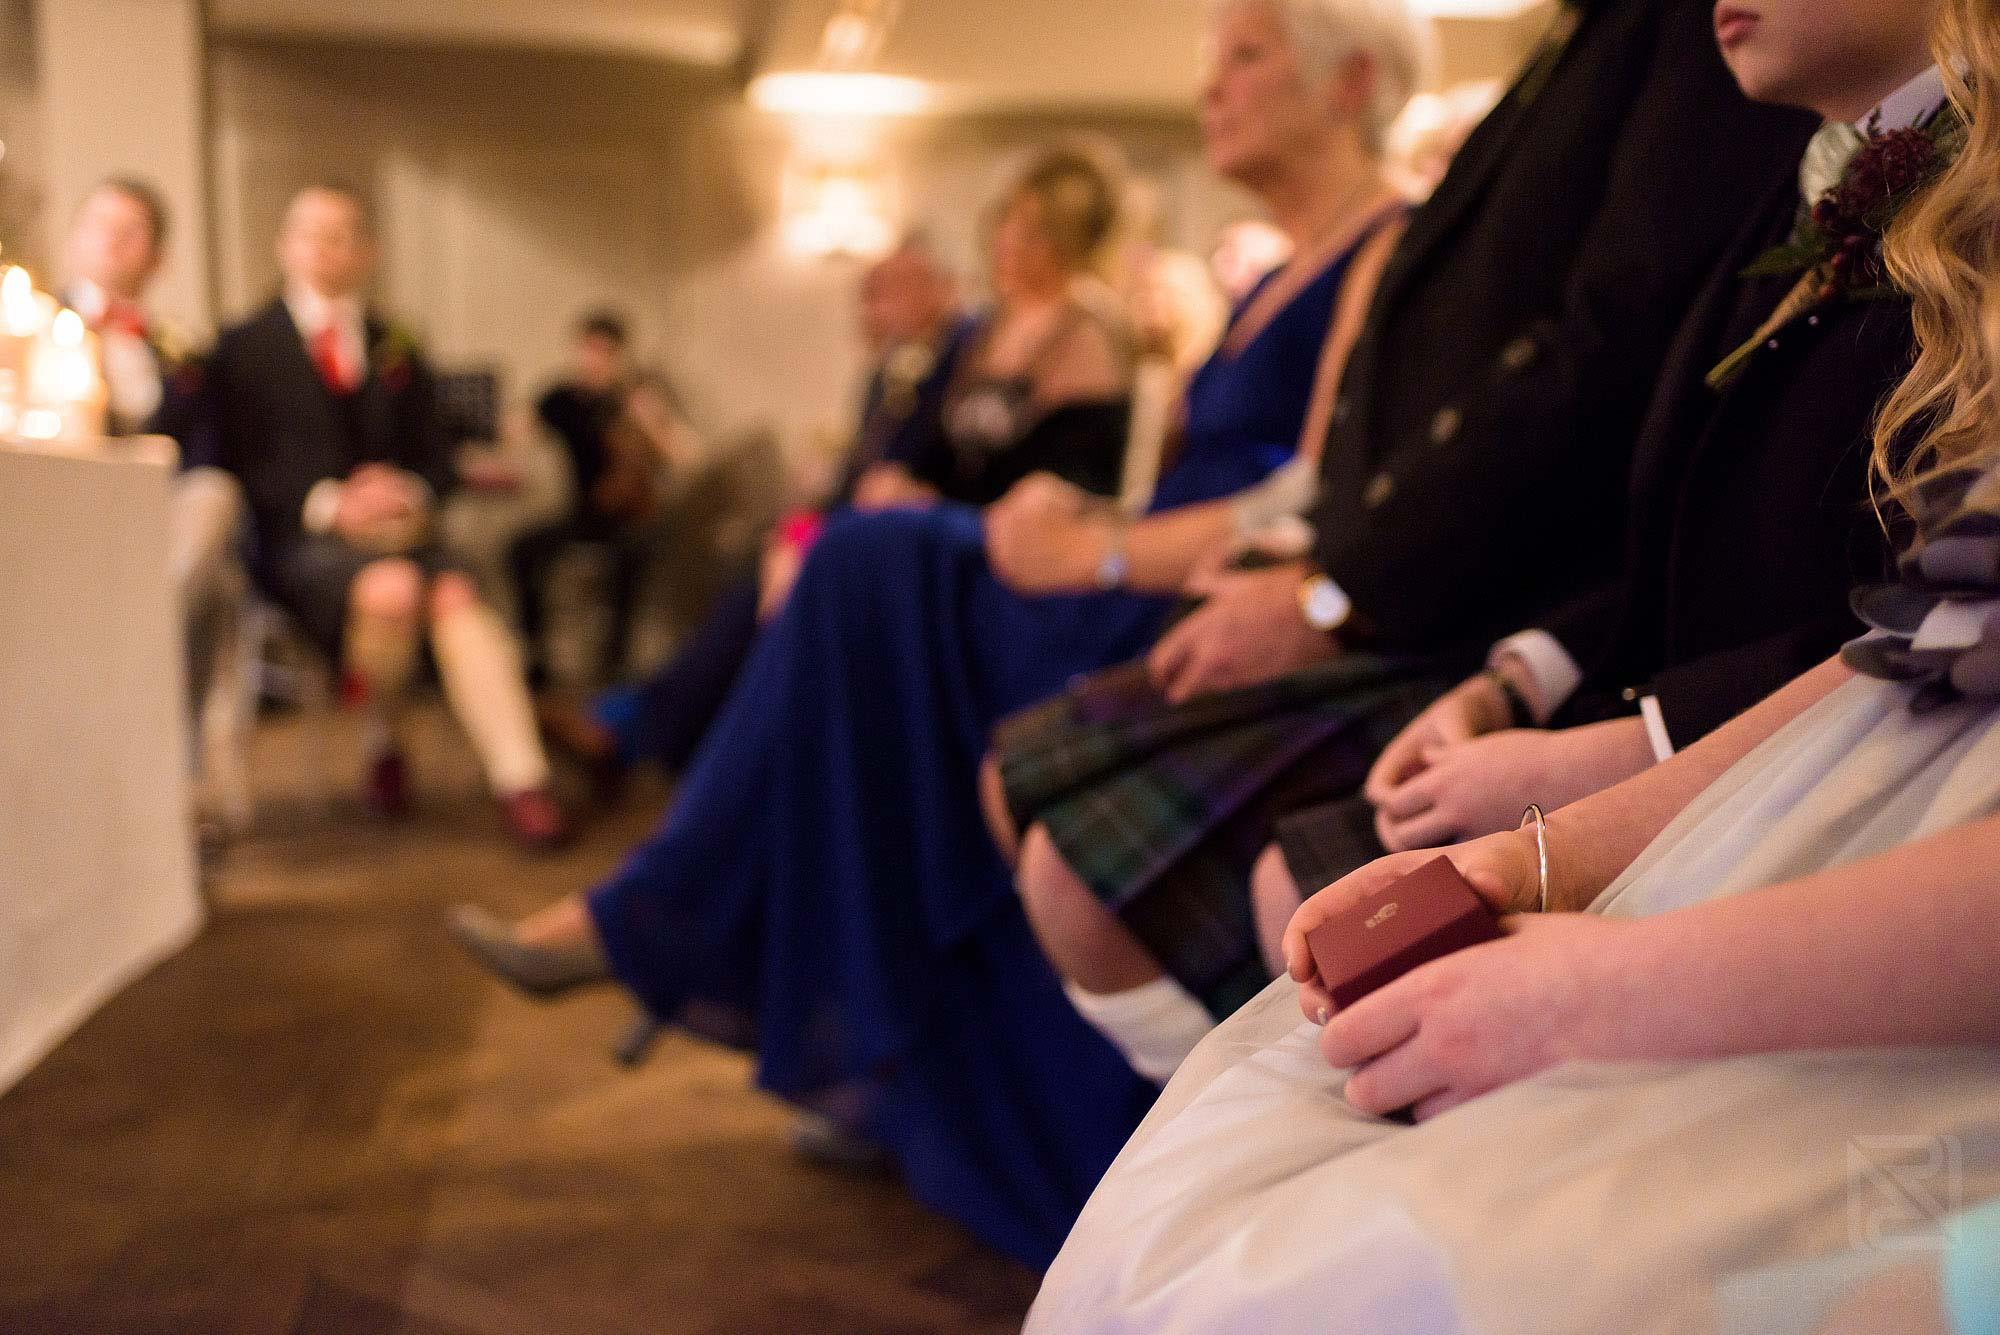 flower girl holding wedding rings during ceremony